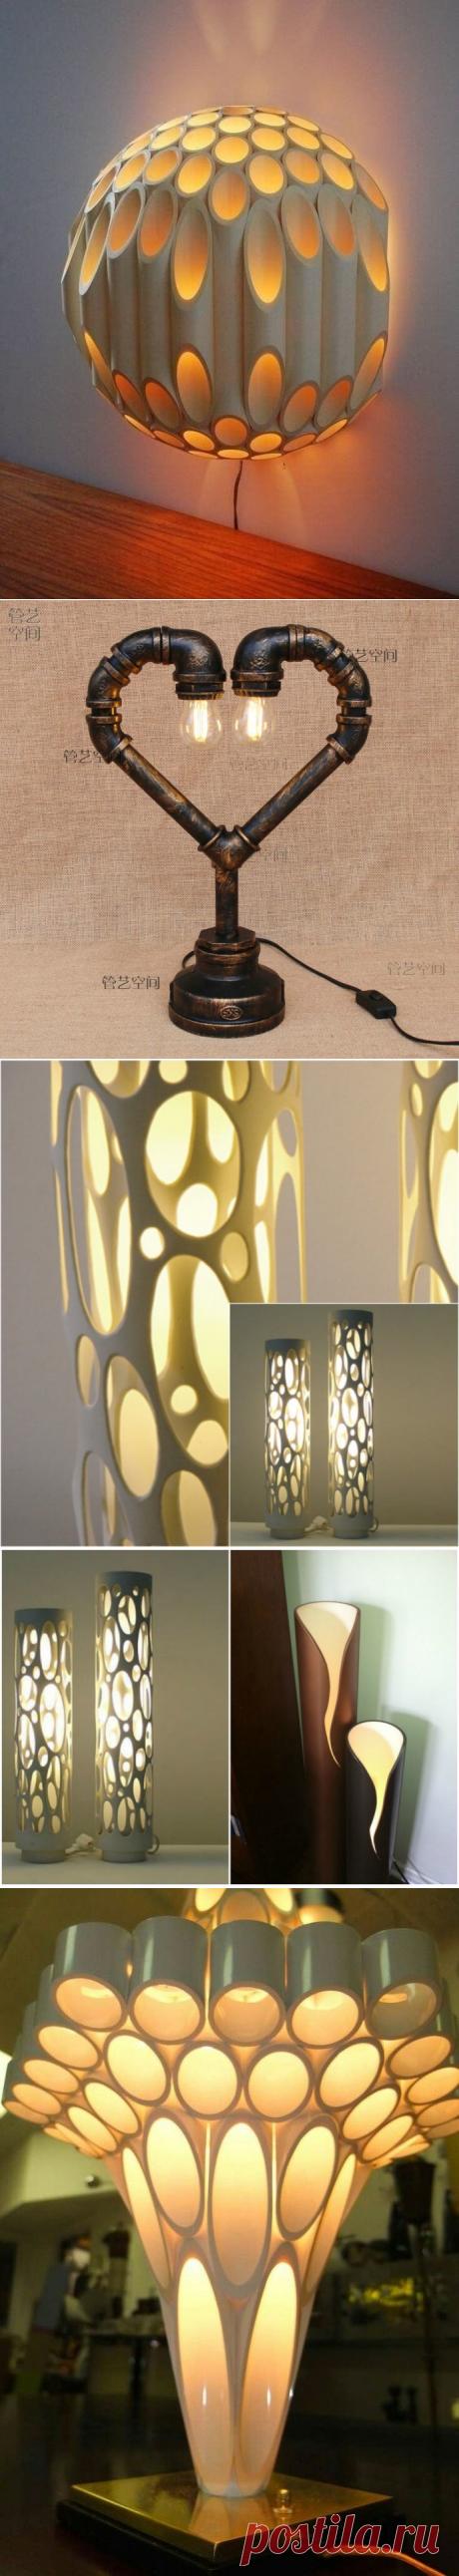 Необычные идеи: светильники из труб